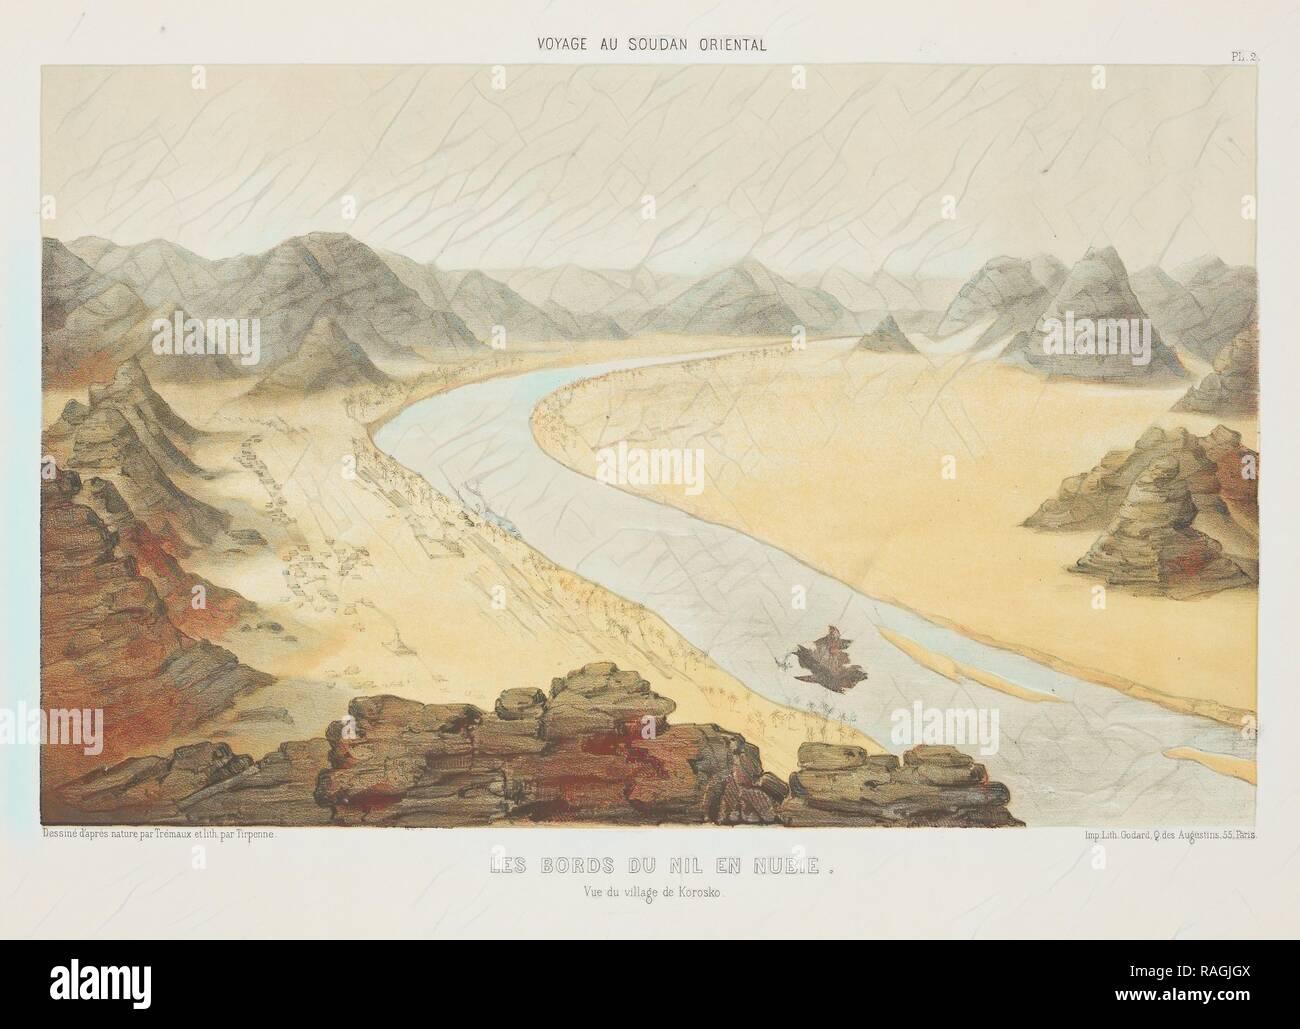 Les Bords du Nil en Nubie, Voyages au Soudan oriental et dans l'Afrique septentrionale, exécutés de 1847 à 1854 reimagined - Stock Image